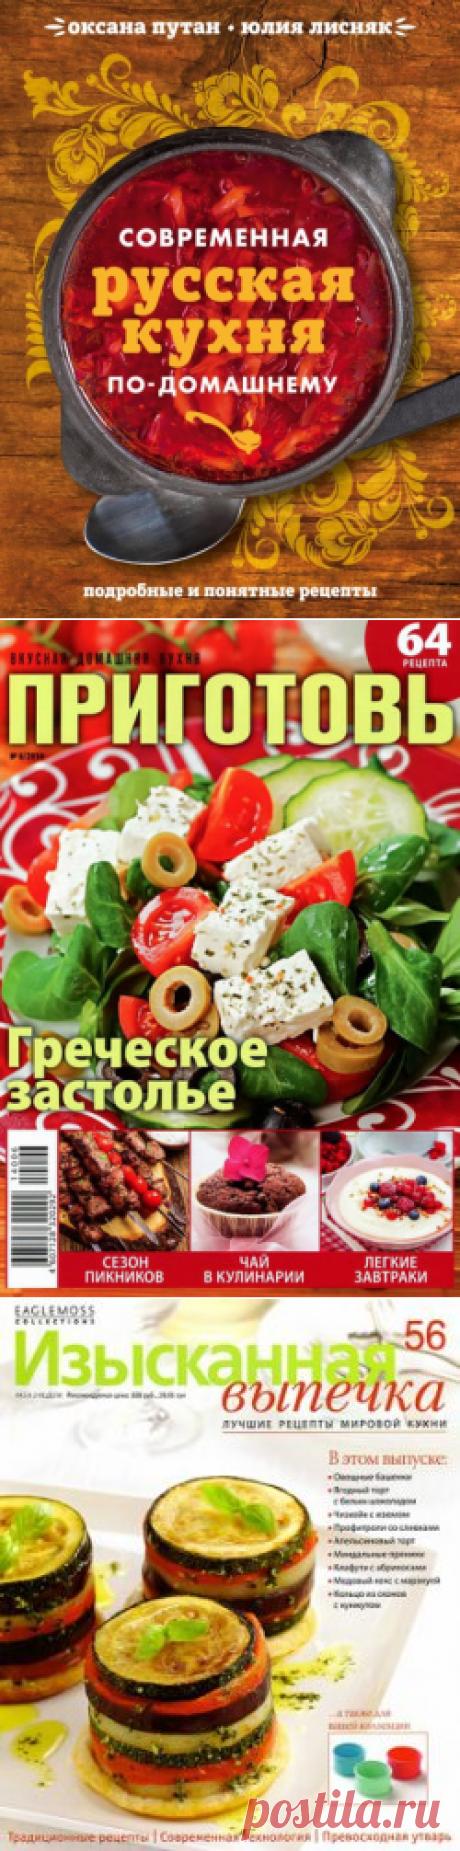 Кулинария-книги-сайты | Записи в рубрике Кулинария-книги-сайты | Дневник Лариса_Павловна